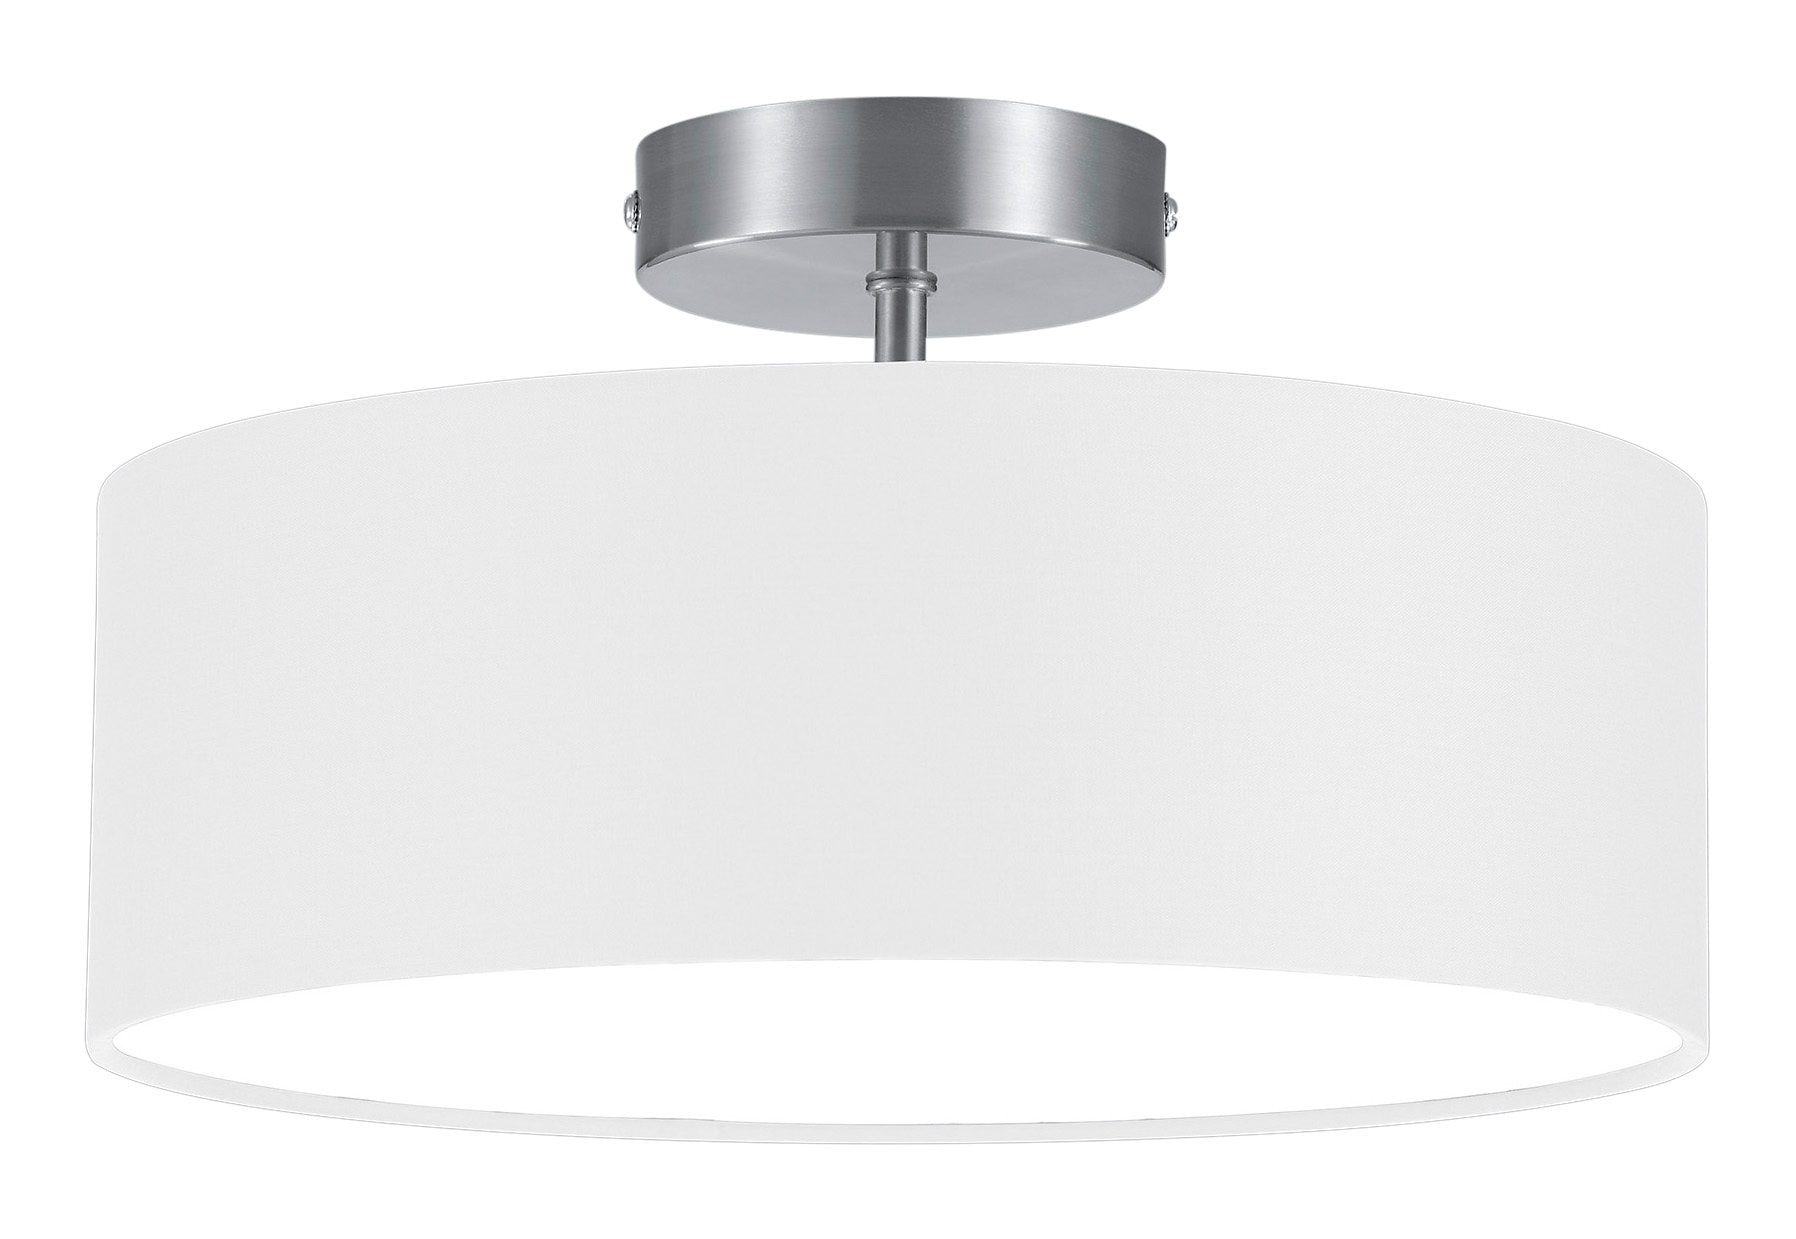 TRIO Leuchten Deckenleuchte HOTEL, E14, Deckenlampe Ø 30 cm mit Stoff-Schirm